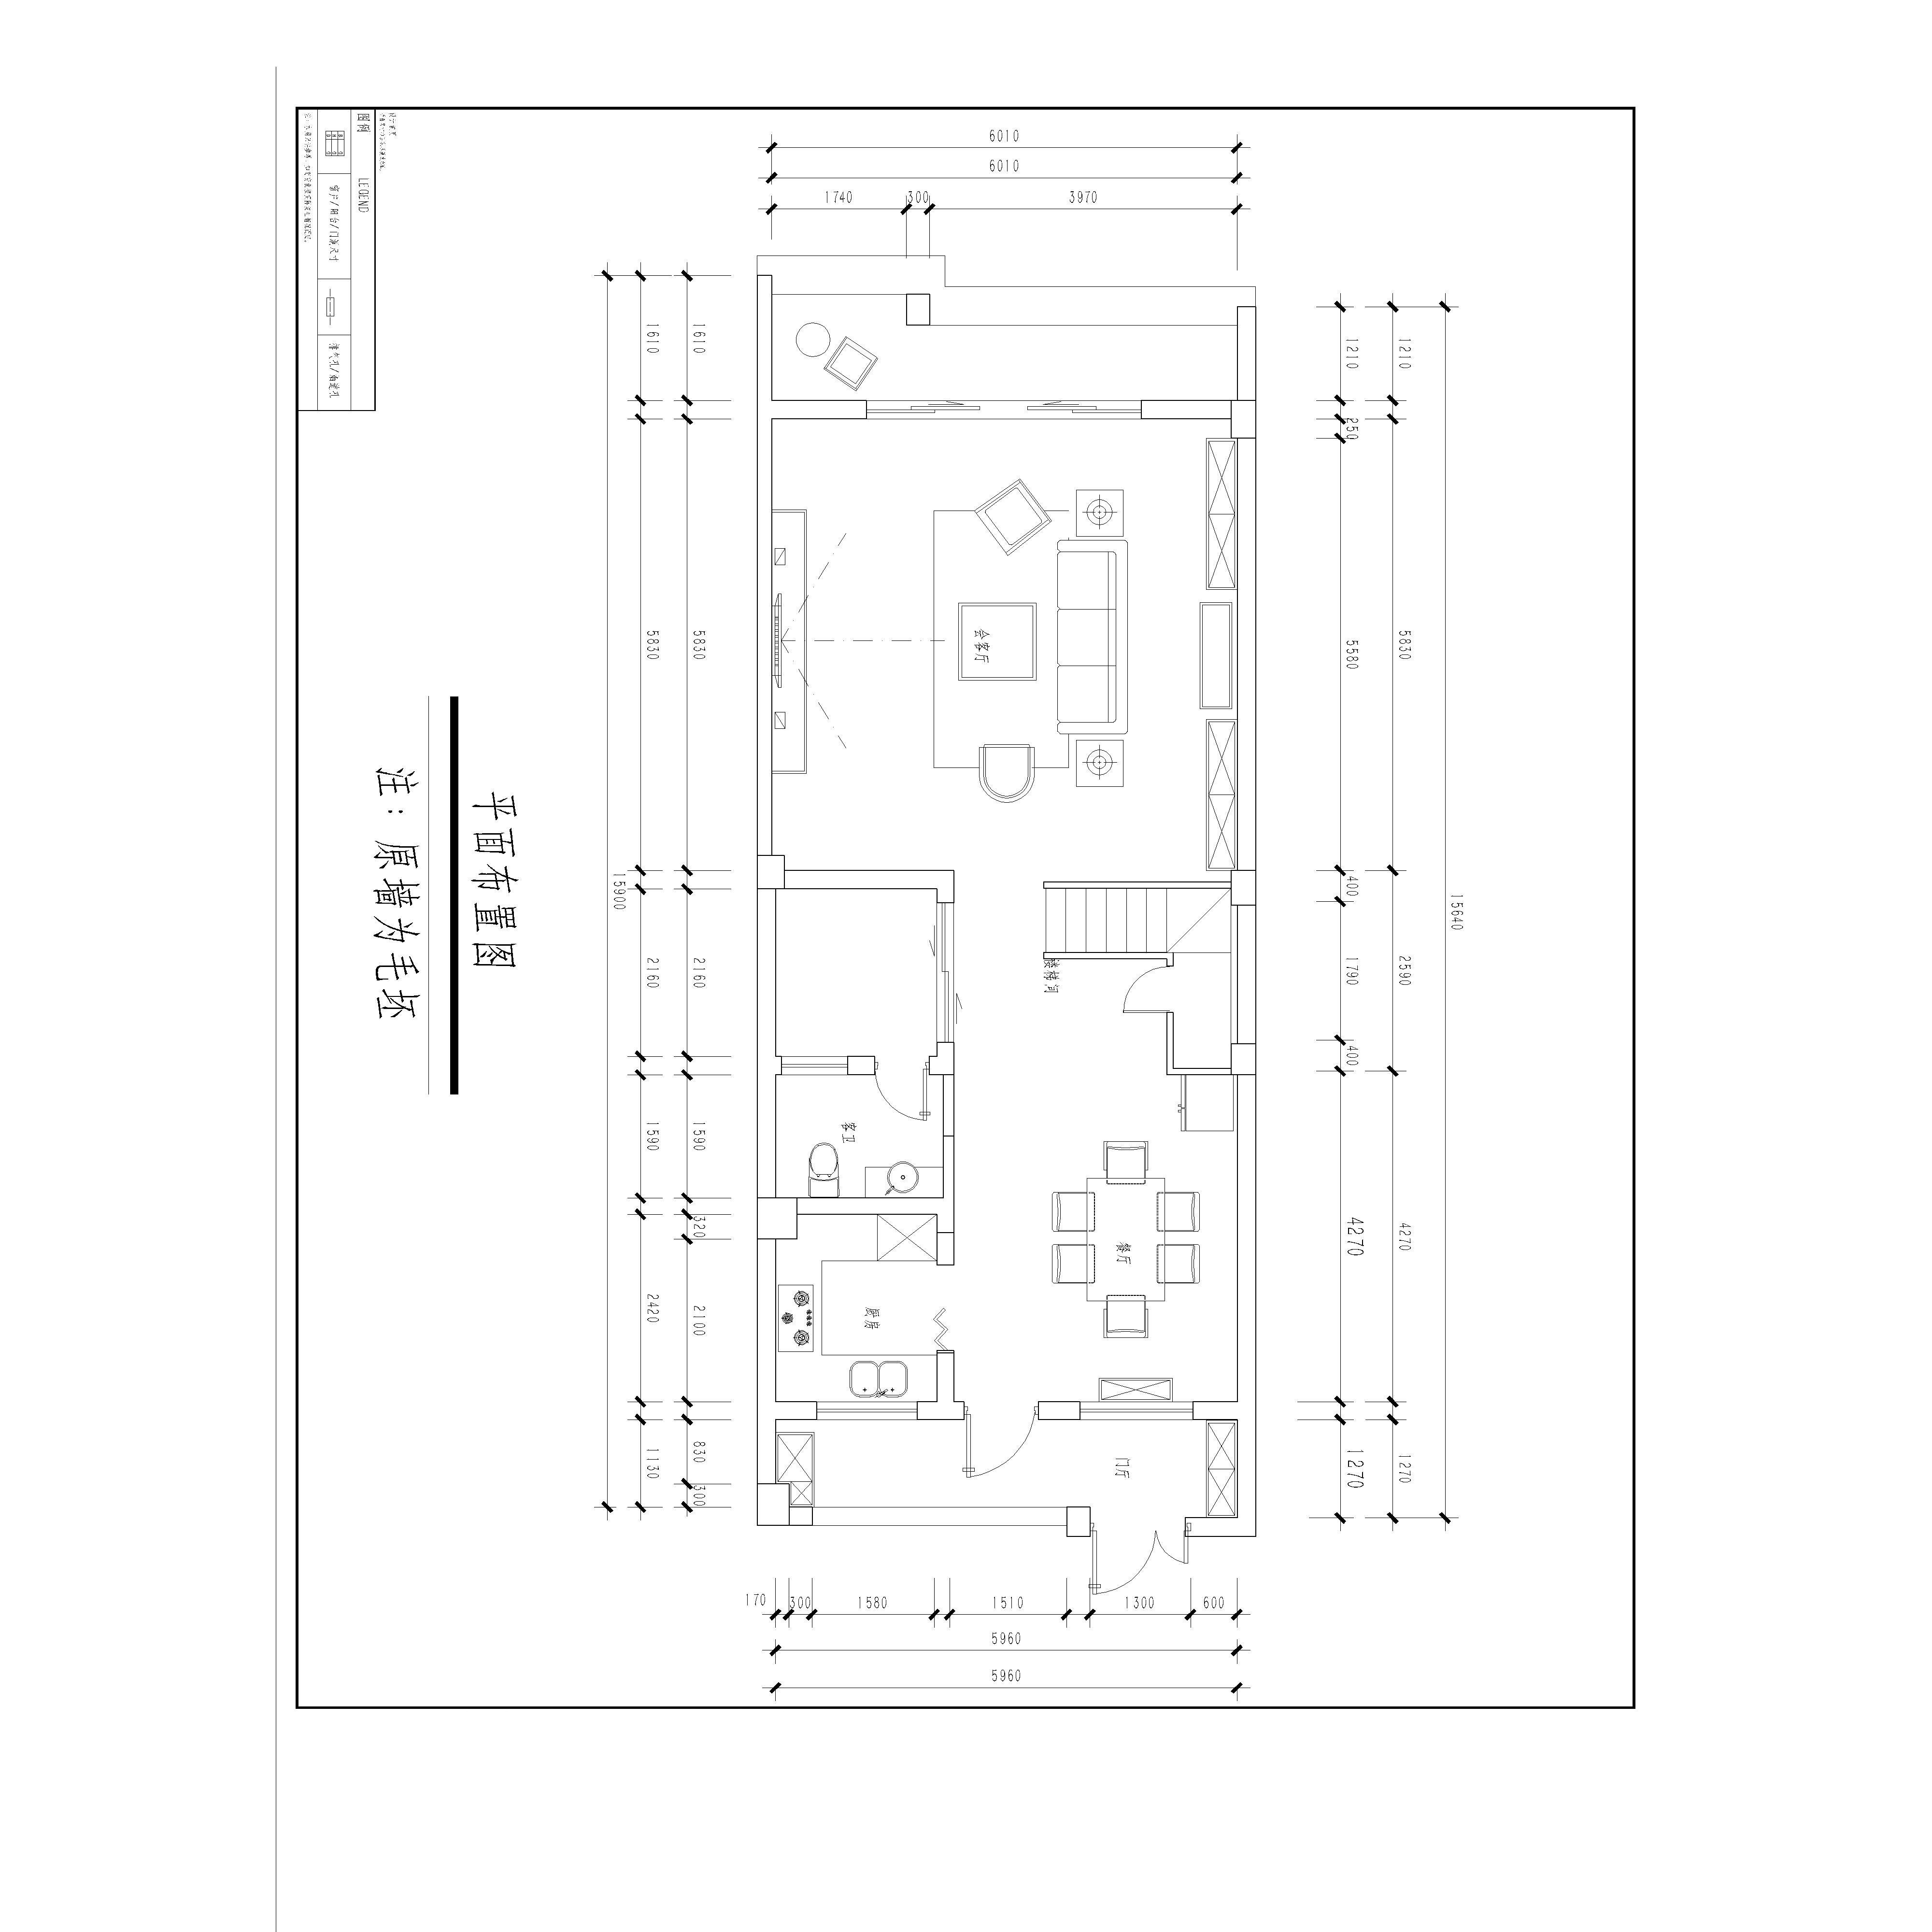 昆明都铎城邦 跃层 300㎡欧式古典风格装修效果图装修设计理念